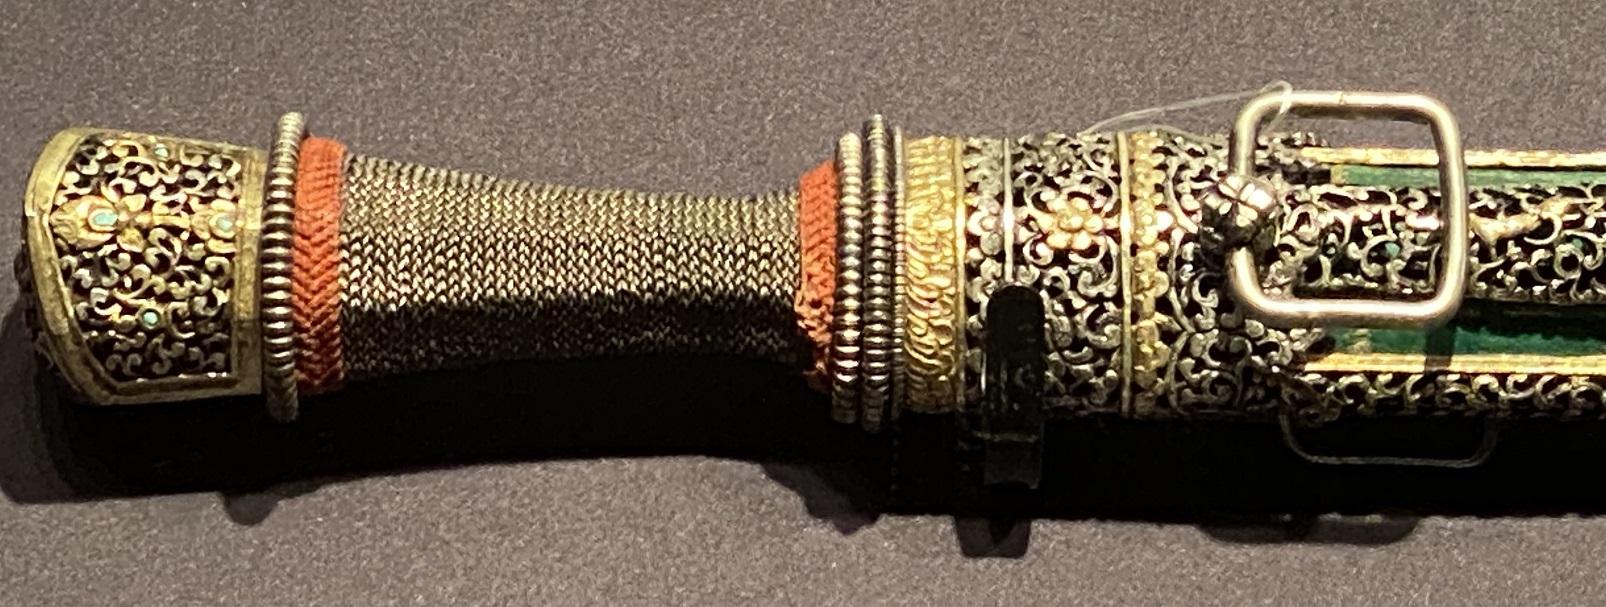 銀鎏金鞘佩刀-特別展【七宝玲瓏-ヒマラヤからの芸術珍品】-金沙遺跡博物館-成都